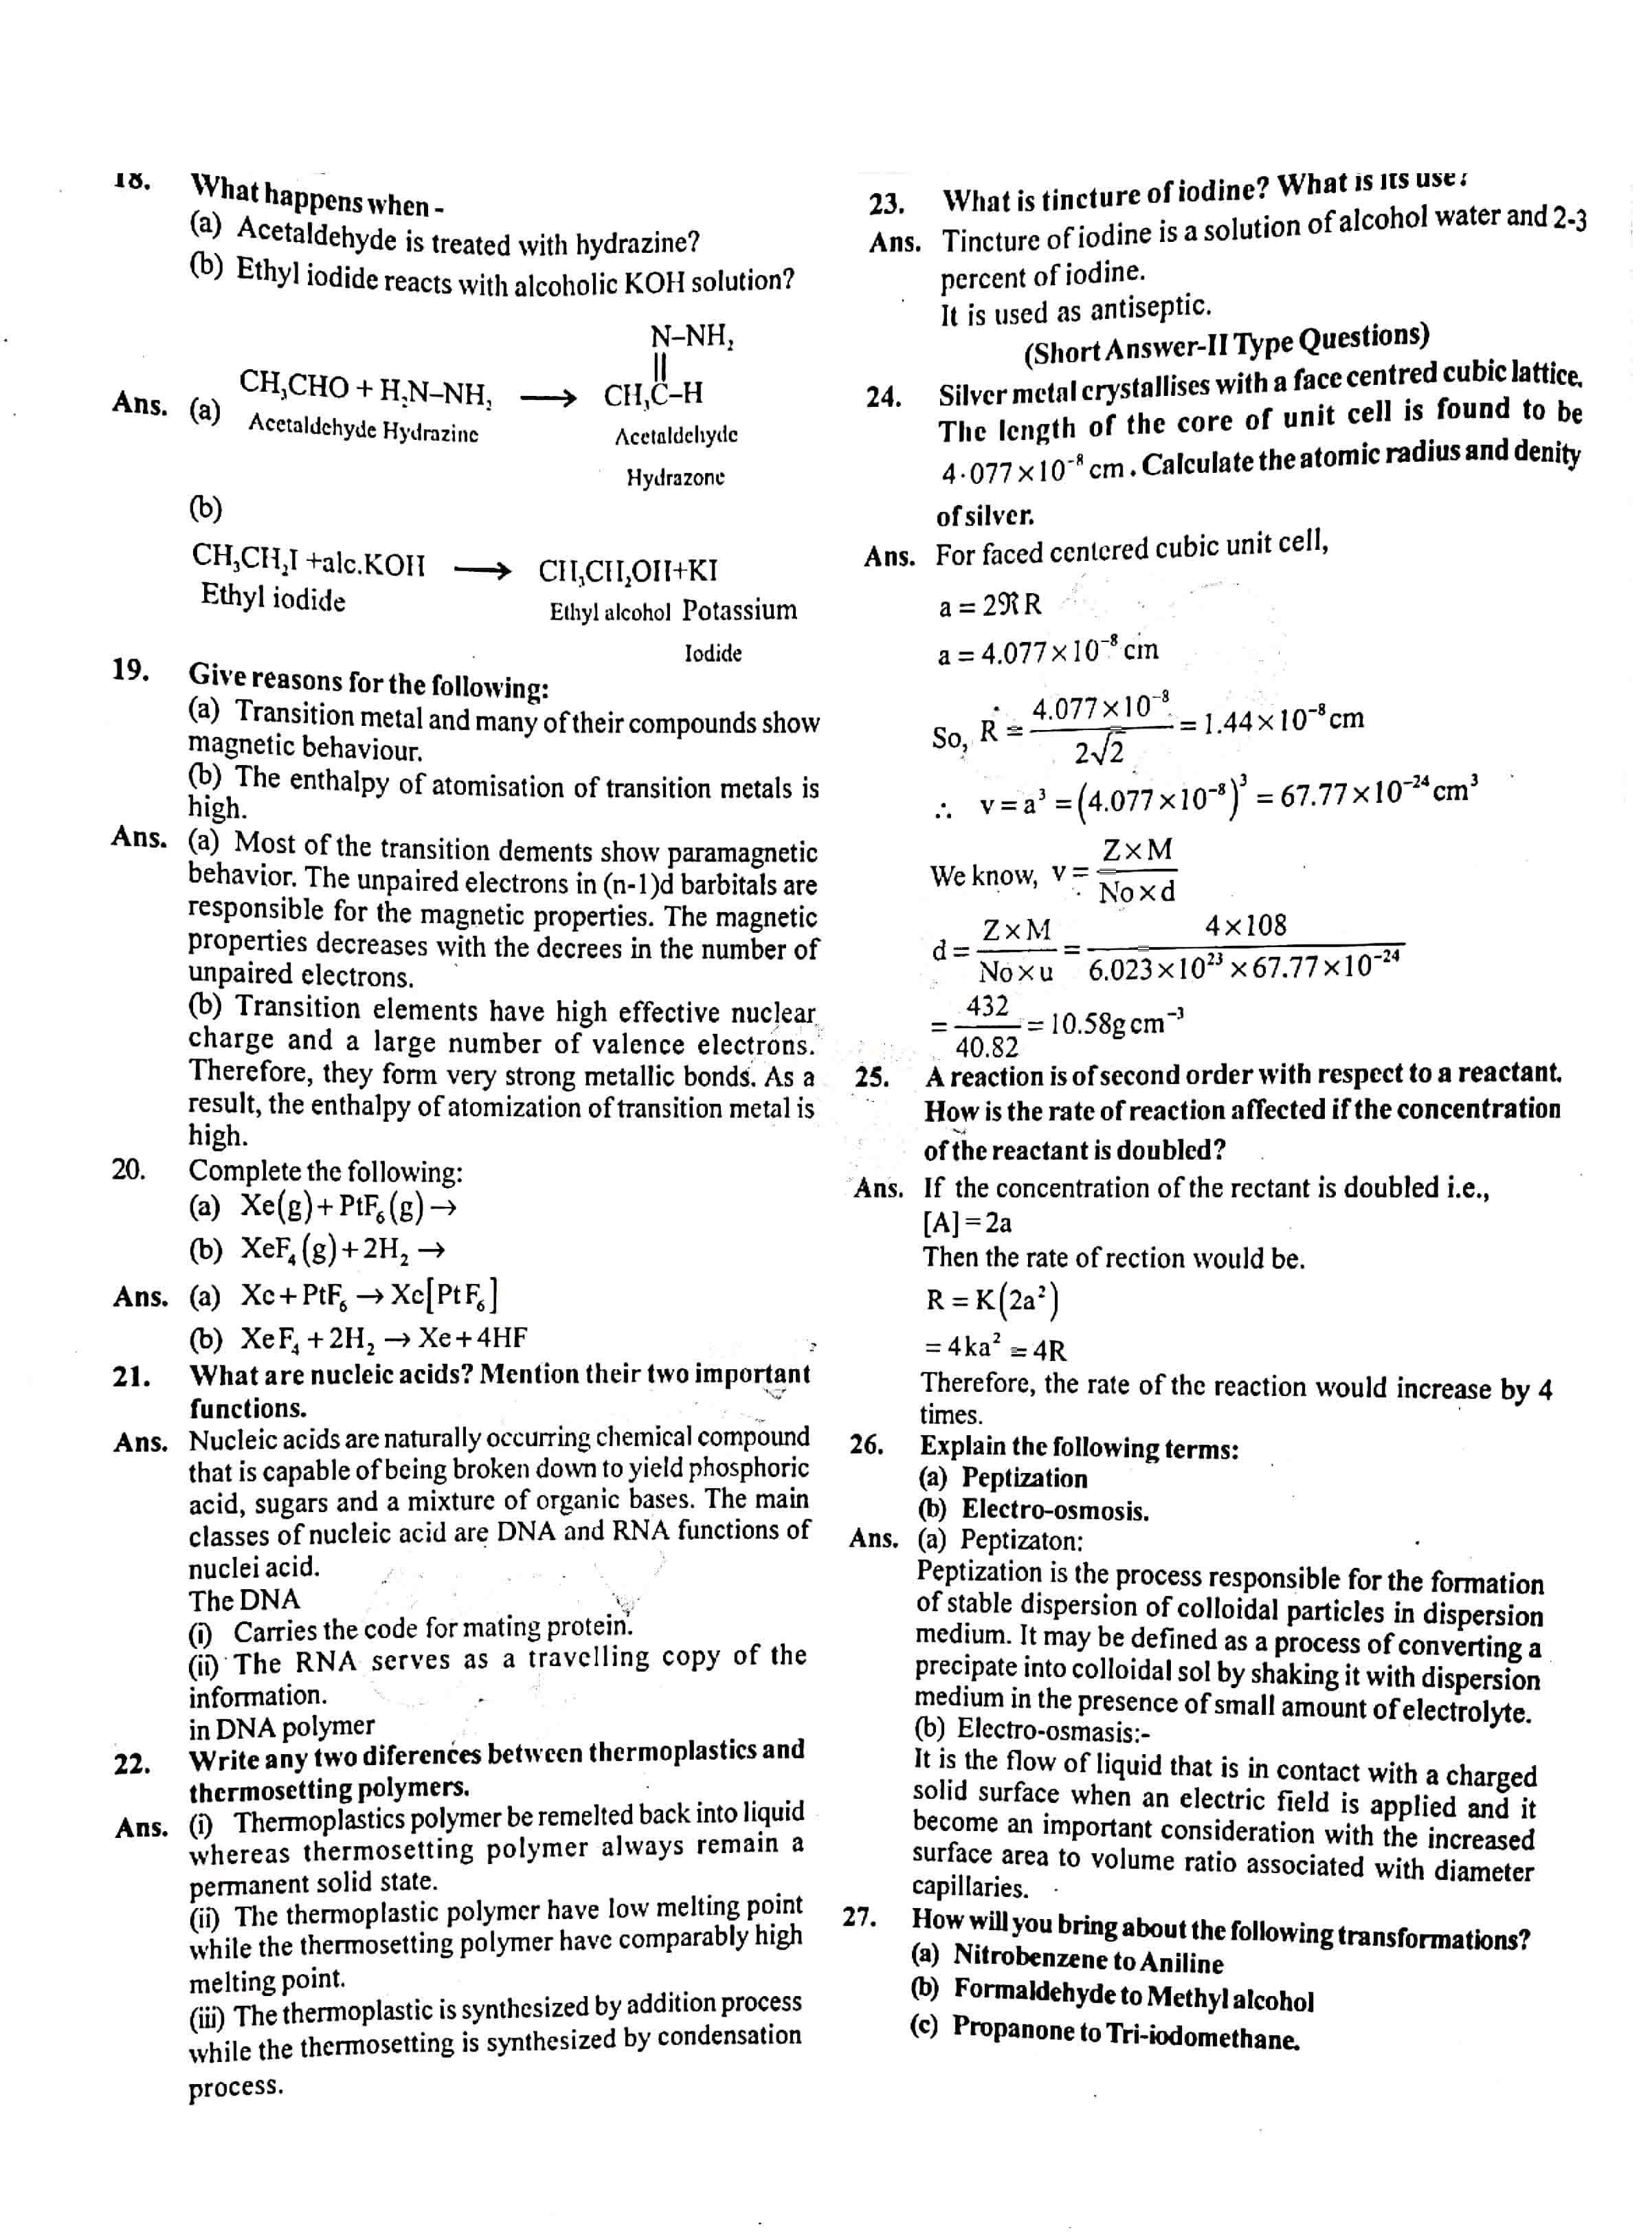 JAC Class 12 chemistry 2020 Question Paper 02